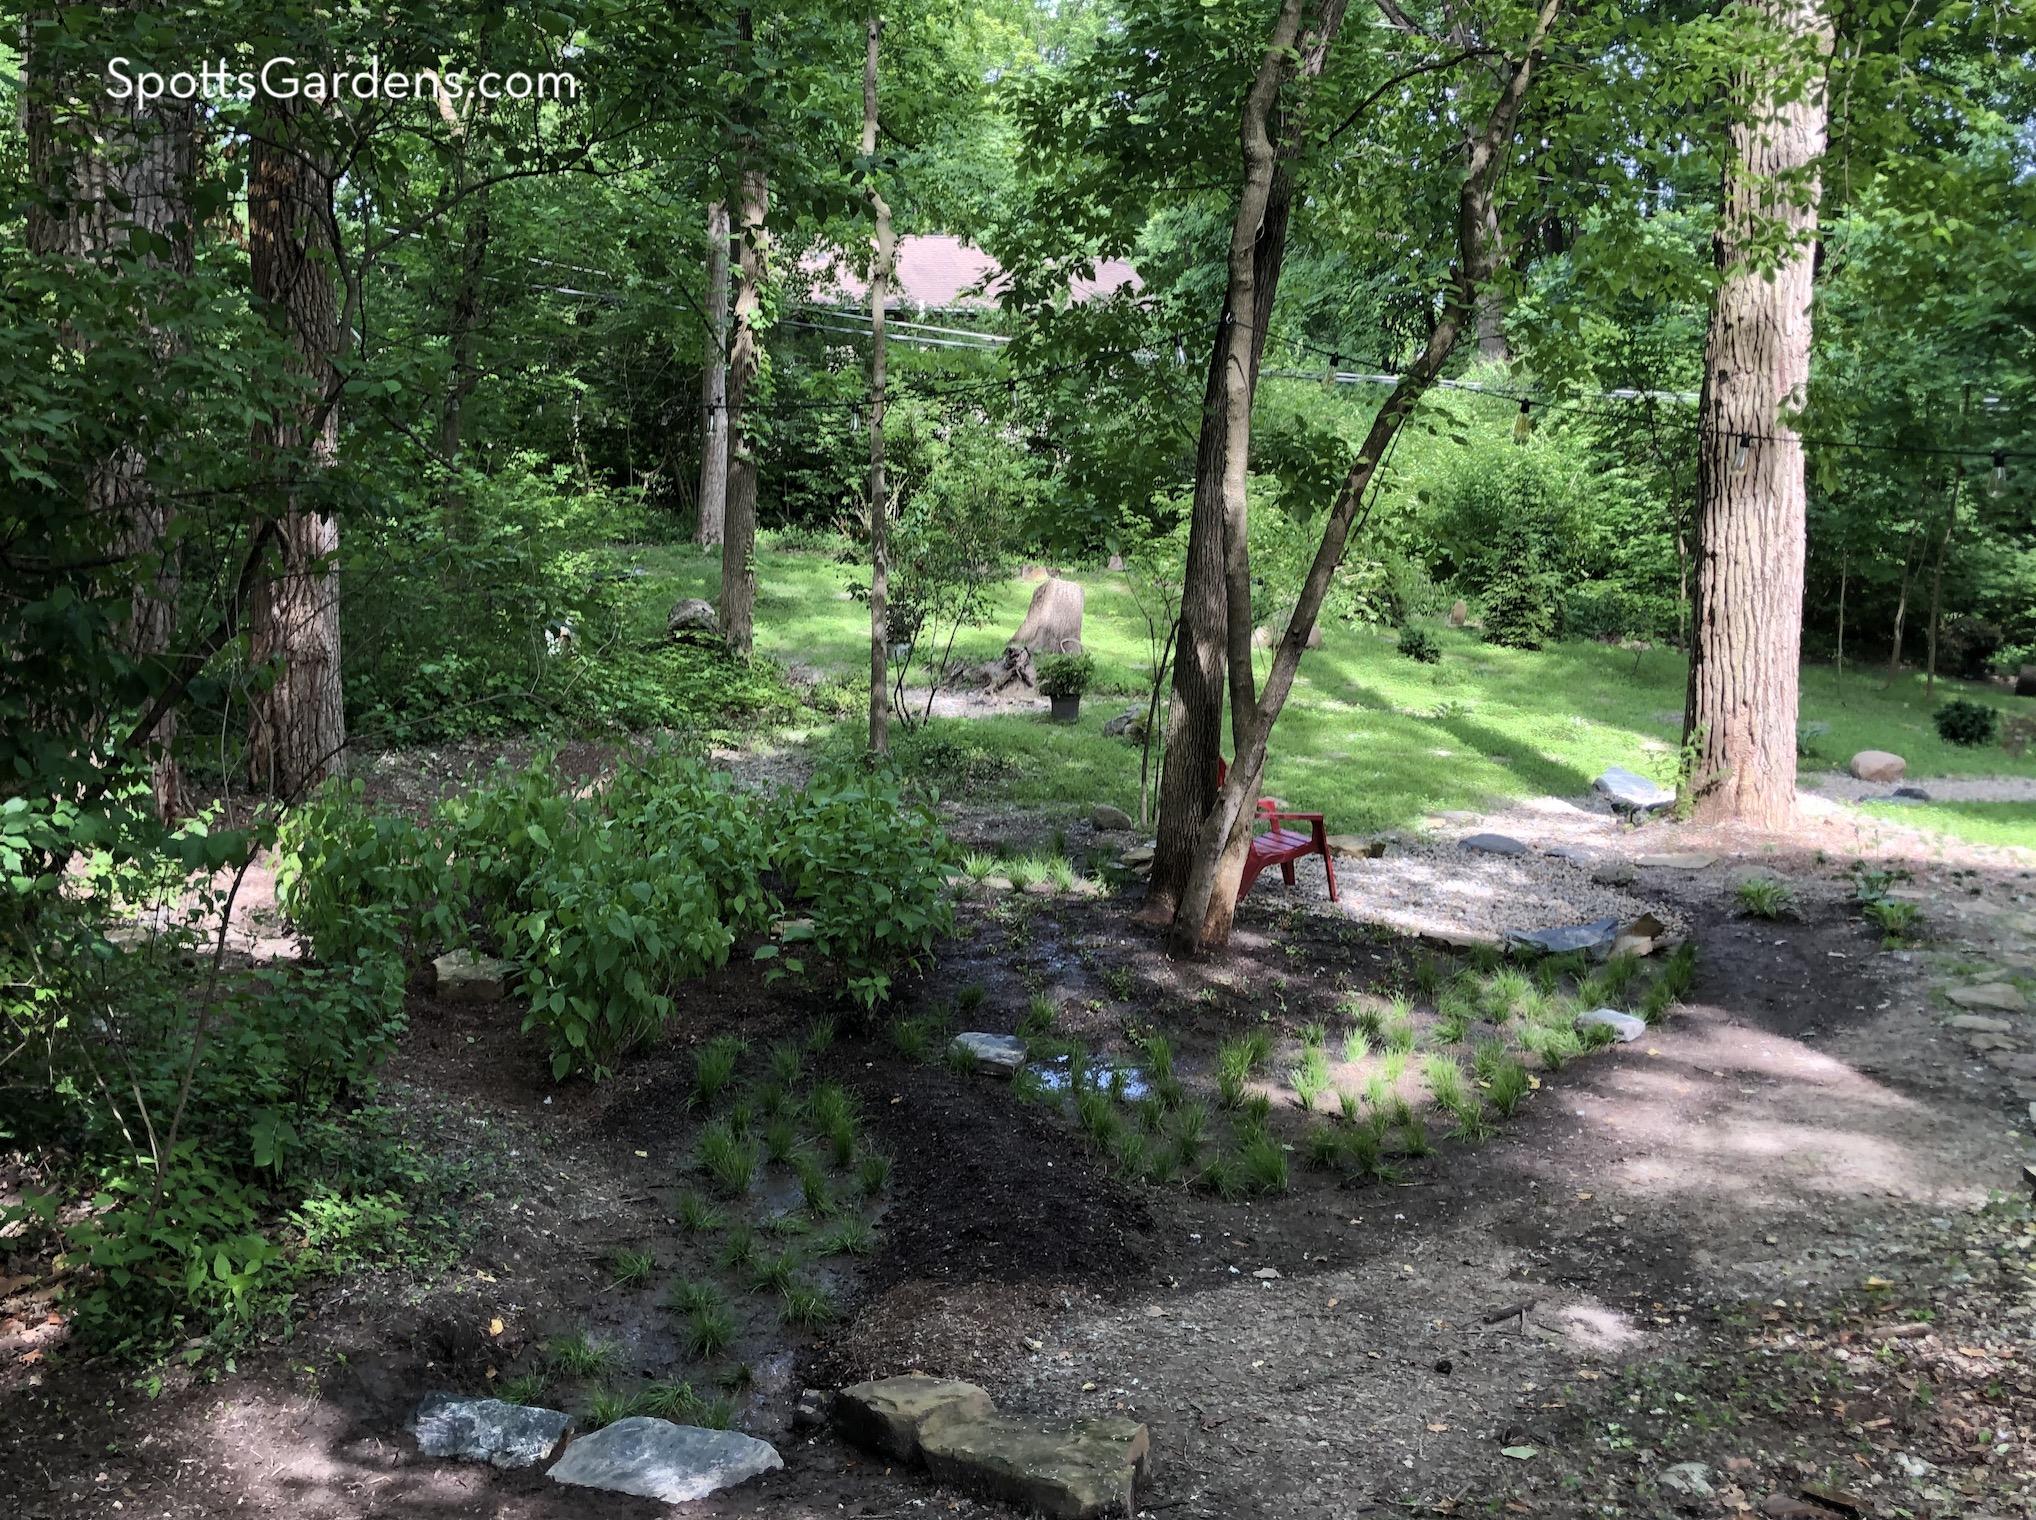 Rainscaping throughout the garden